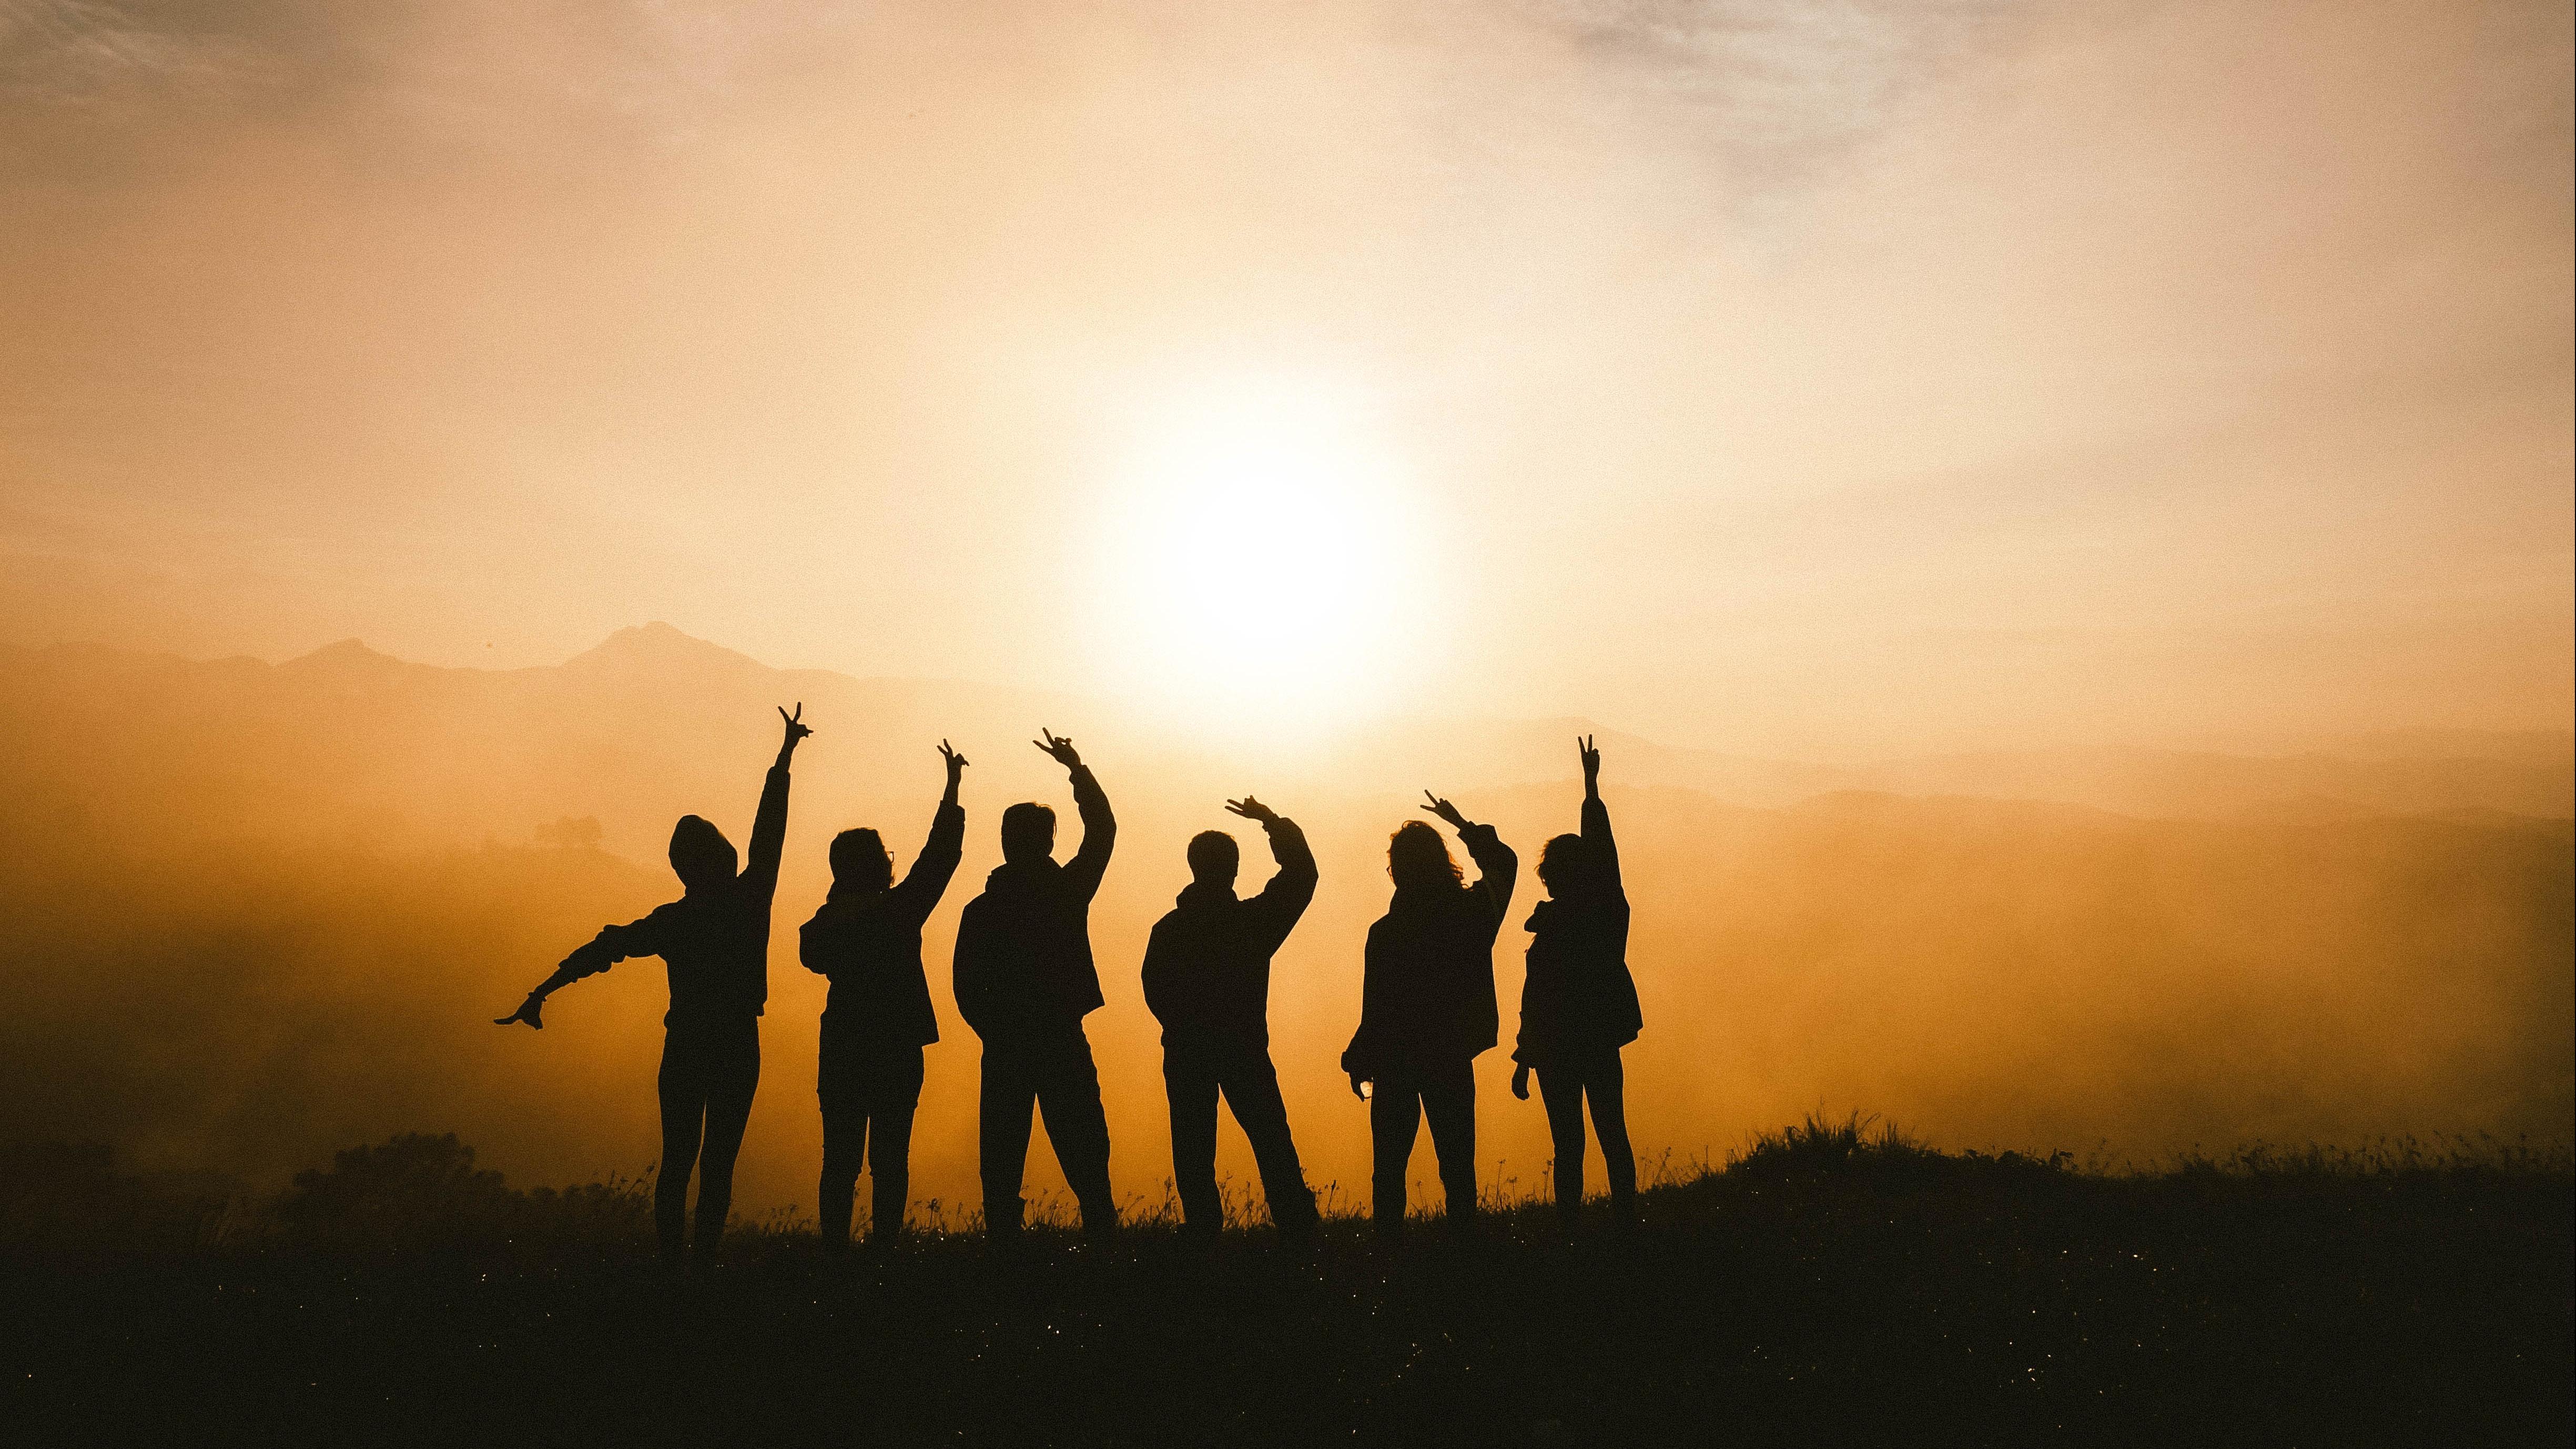 Als Gruppe fühlt man sich oft stärker.